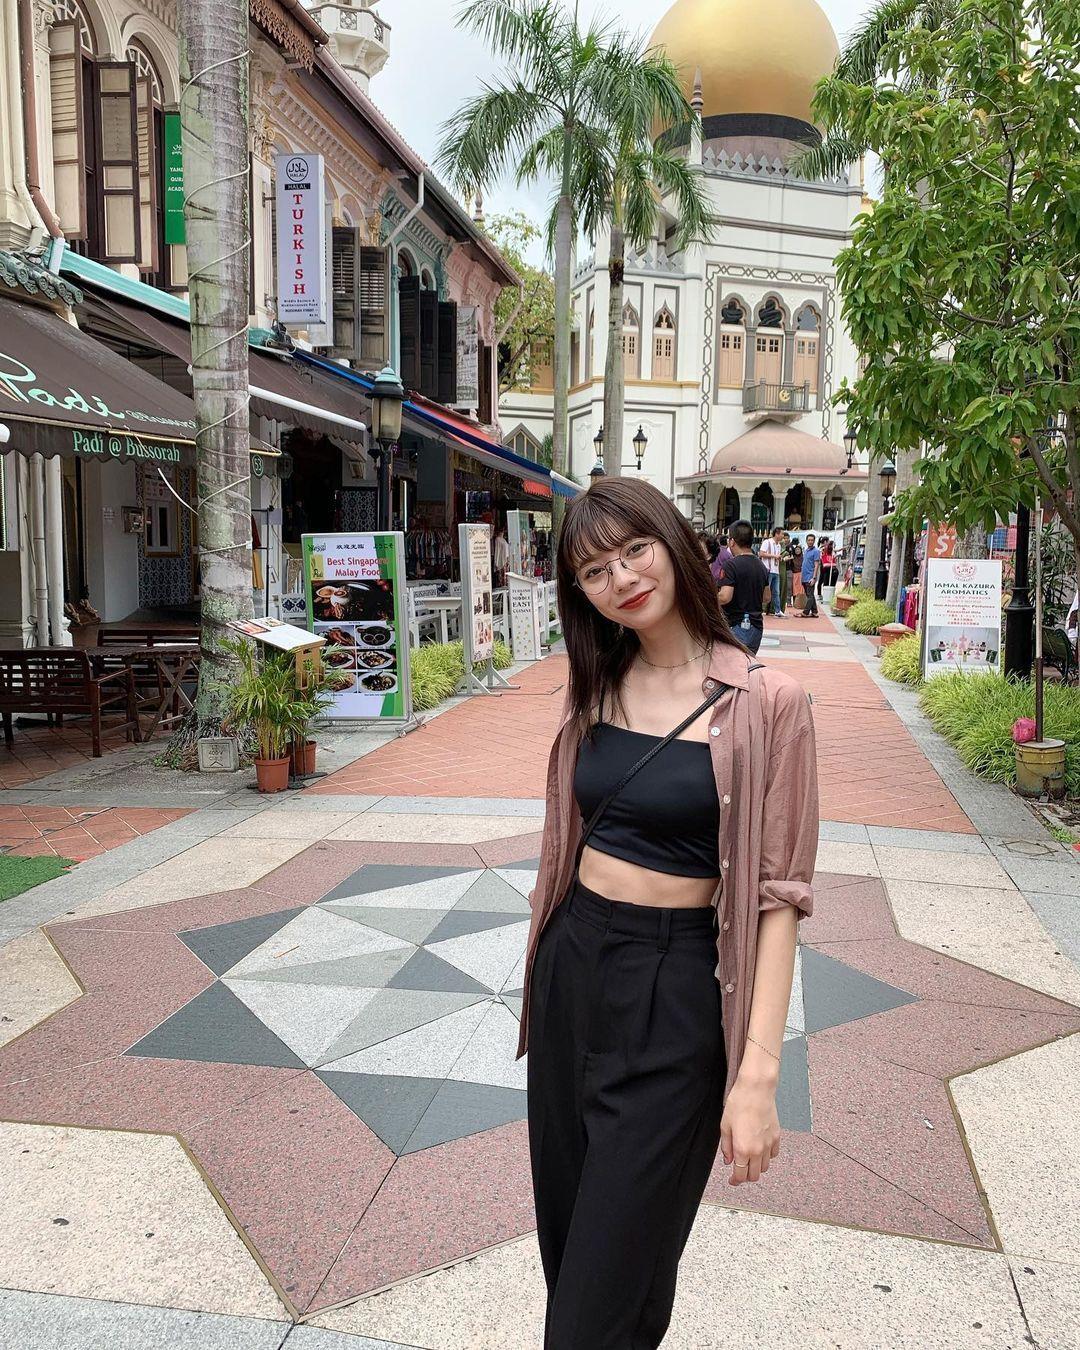 清纯美少女川津明日香日本知名模特儿兼女演员 网络美女 第2张